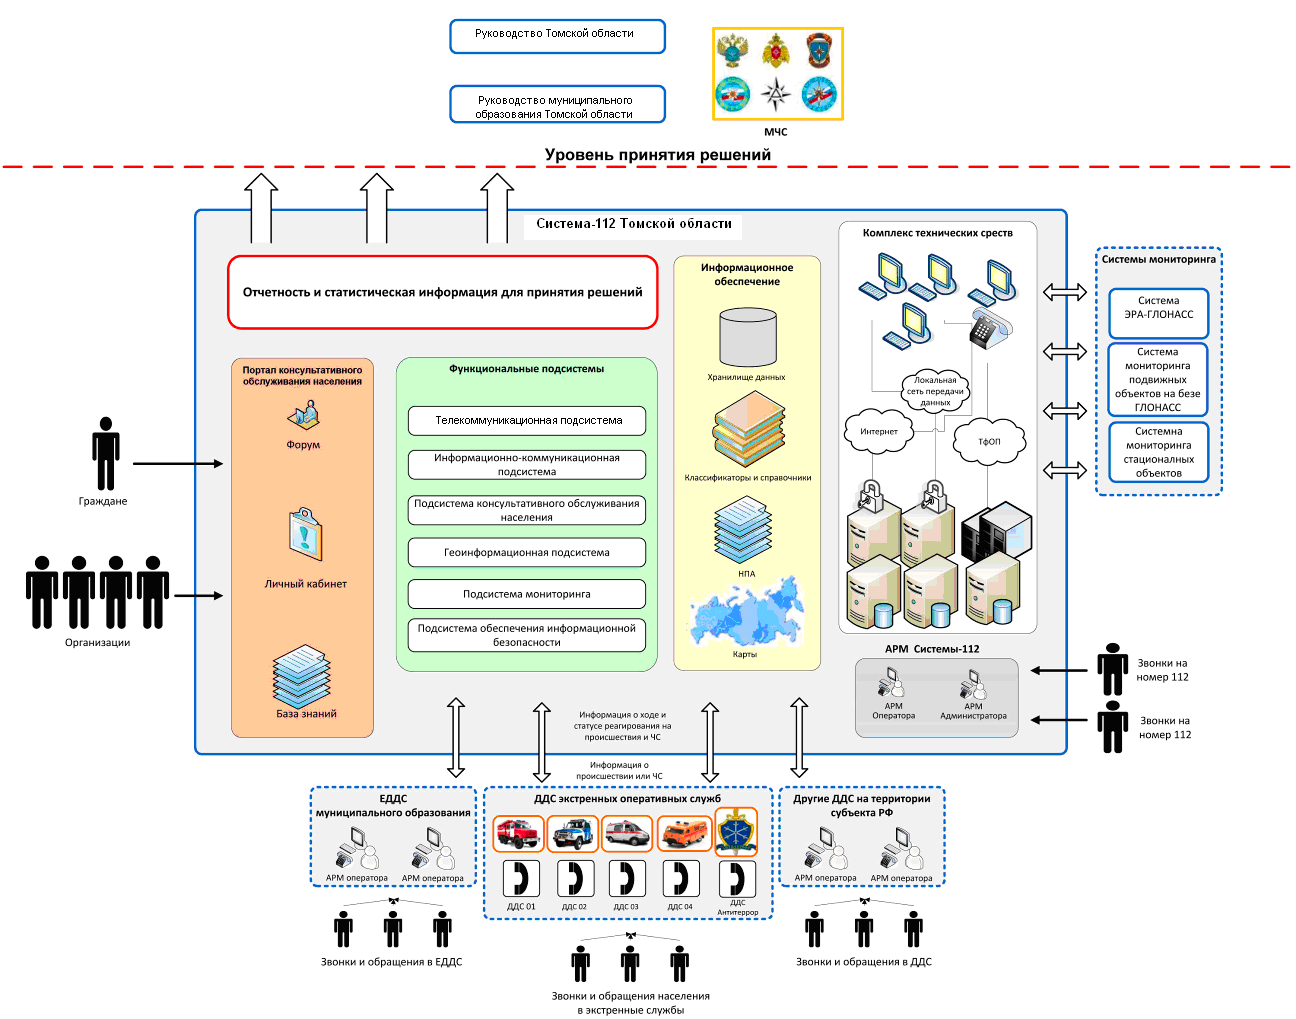 Схема маршрутизации вызовов 112